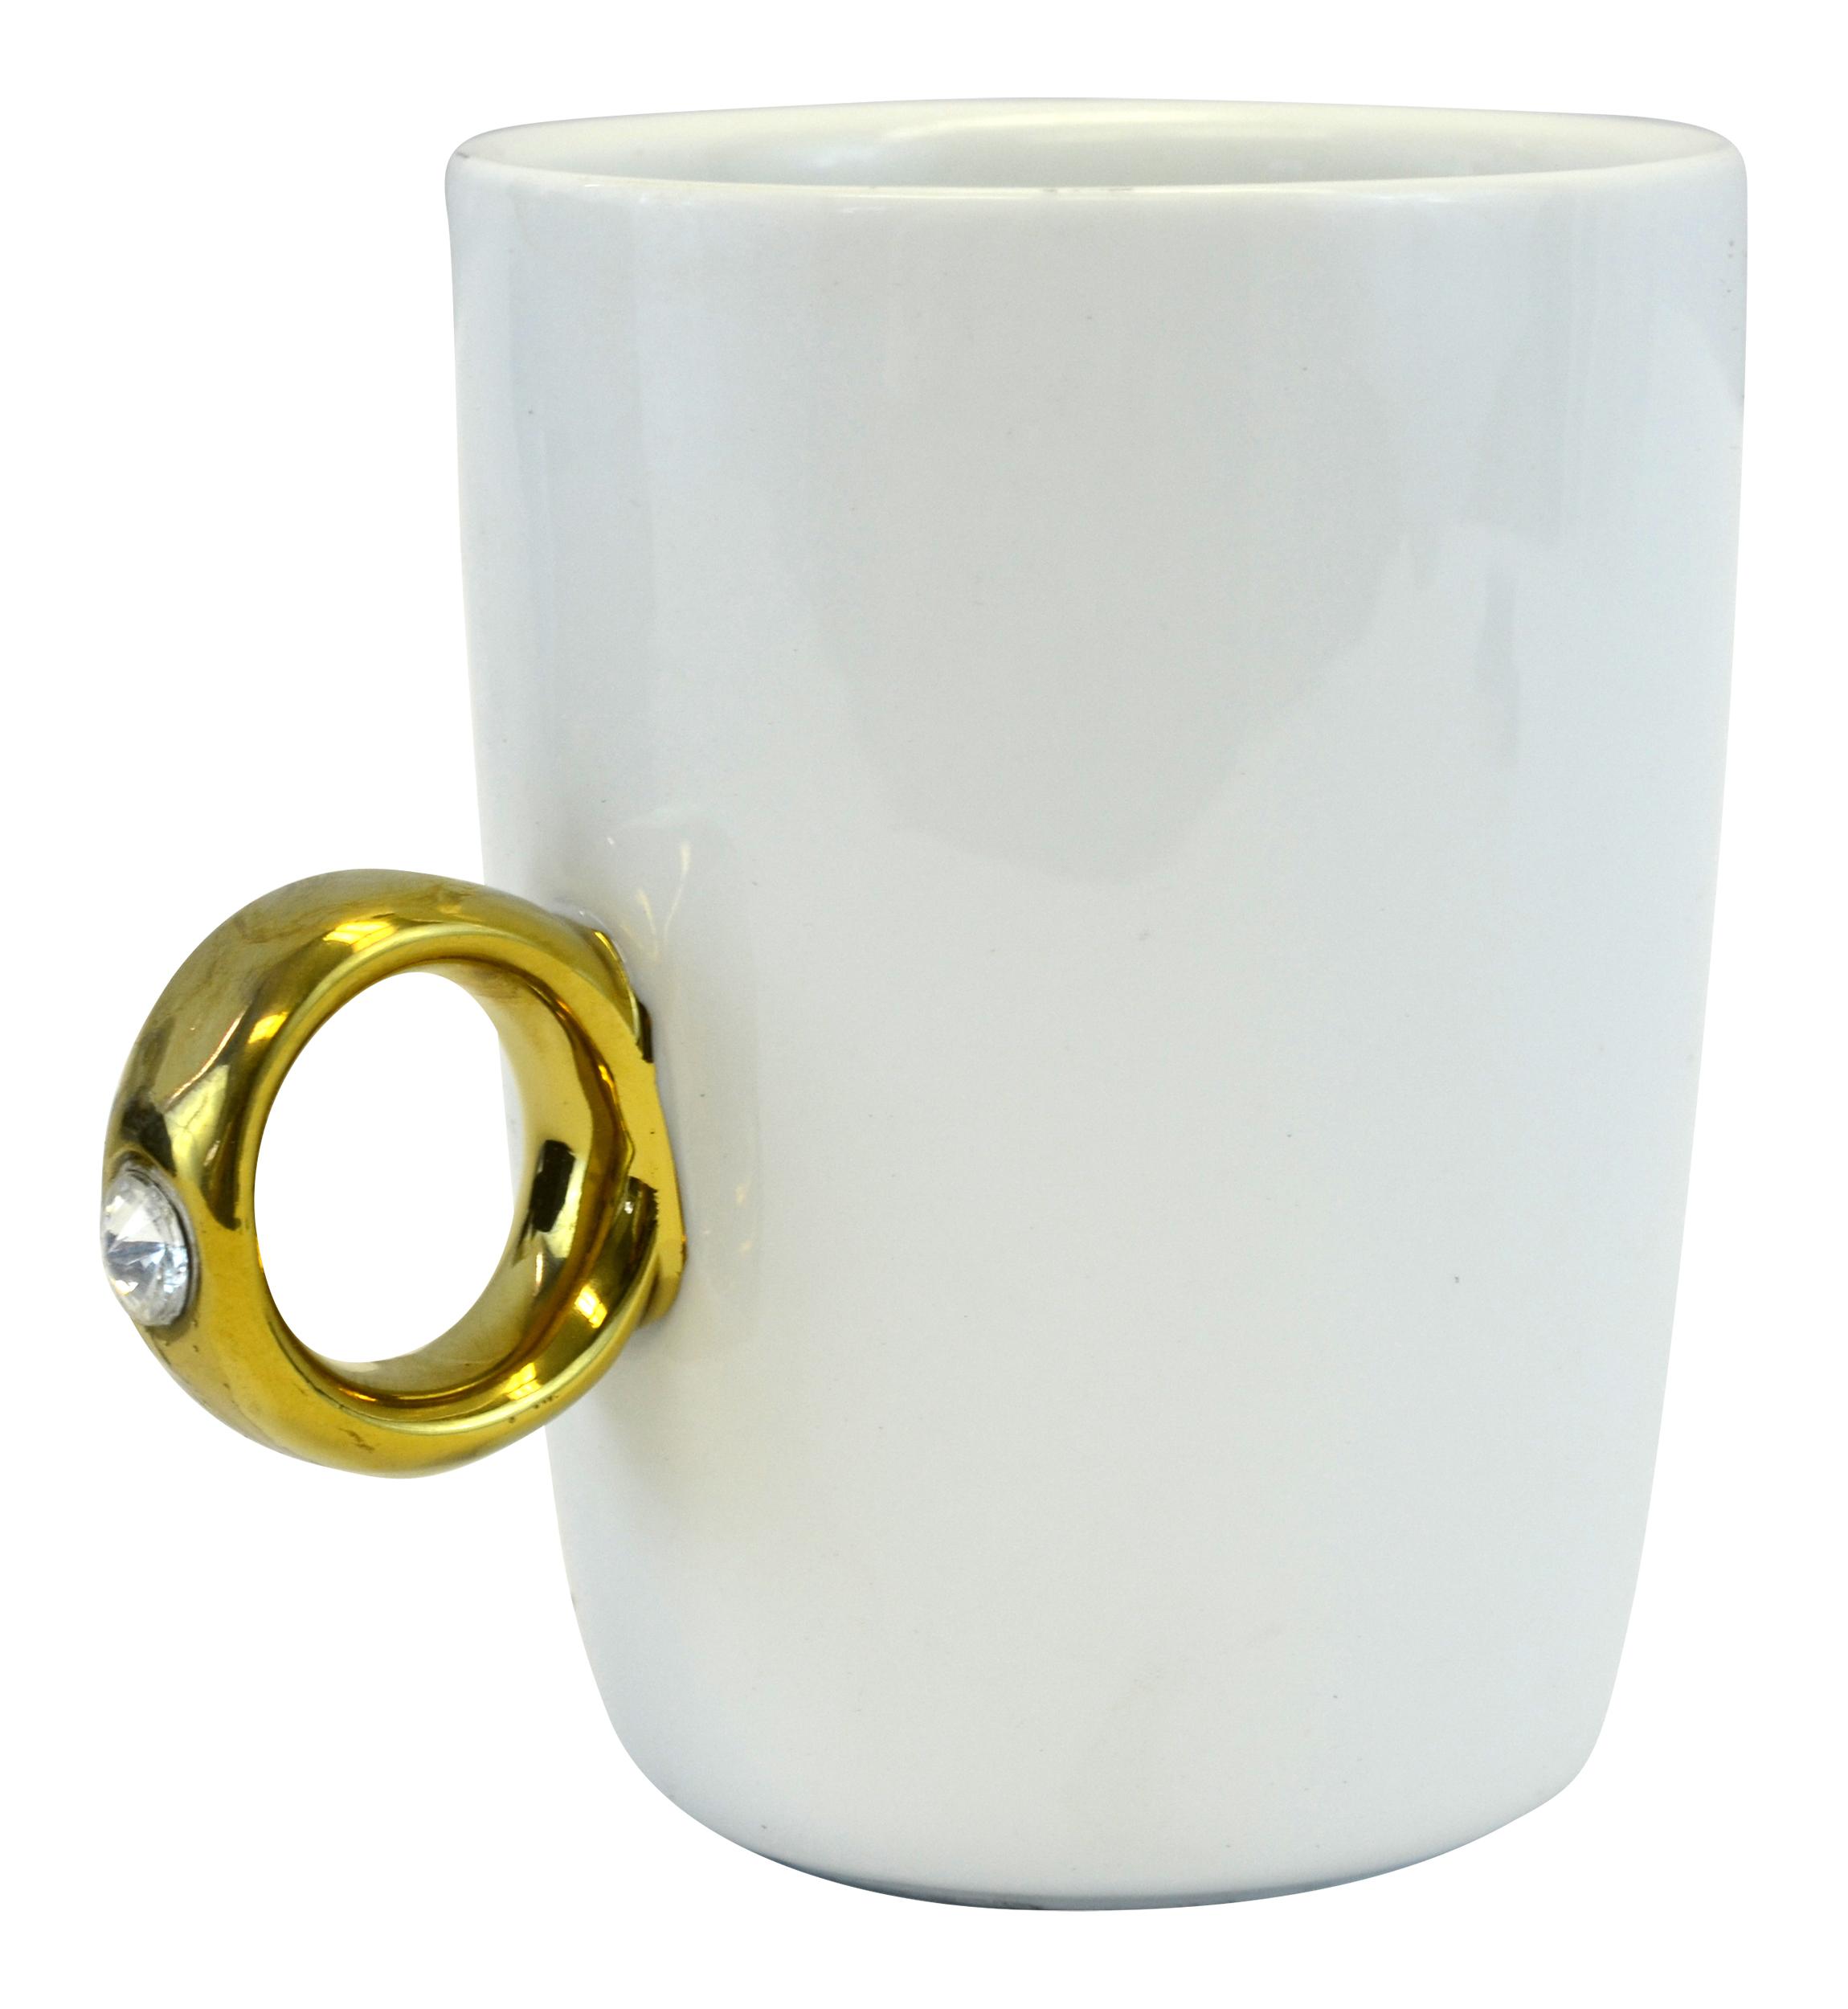 Solitaire ring mug